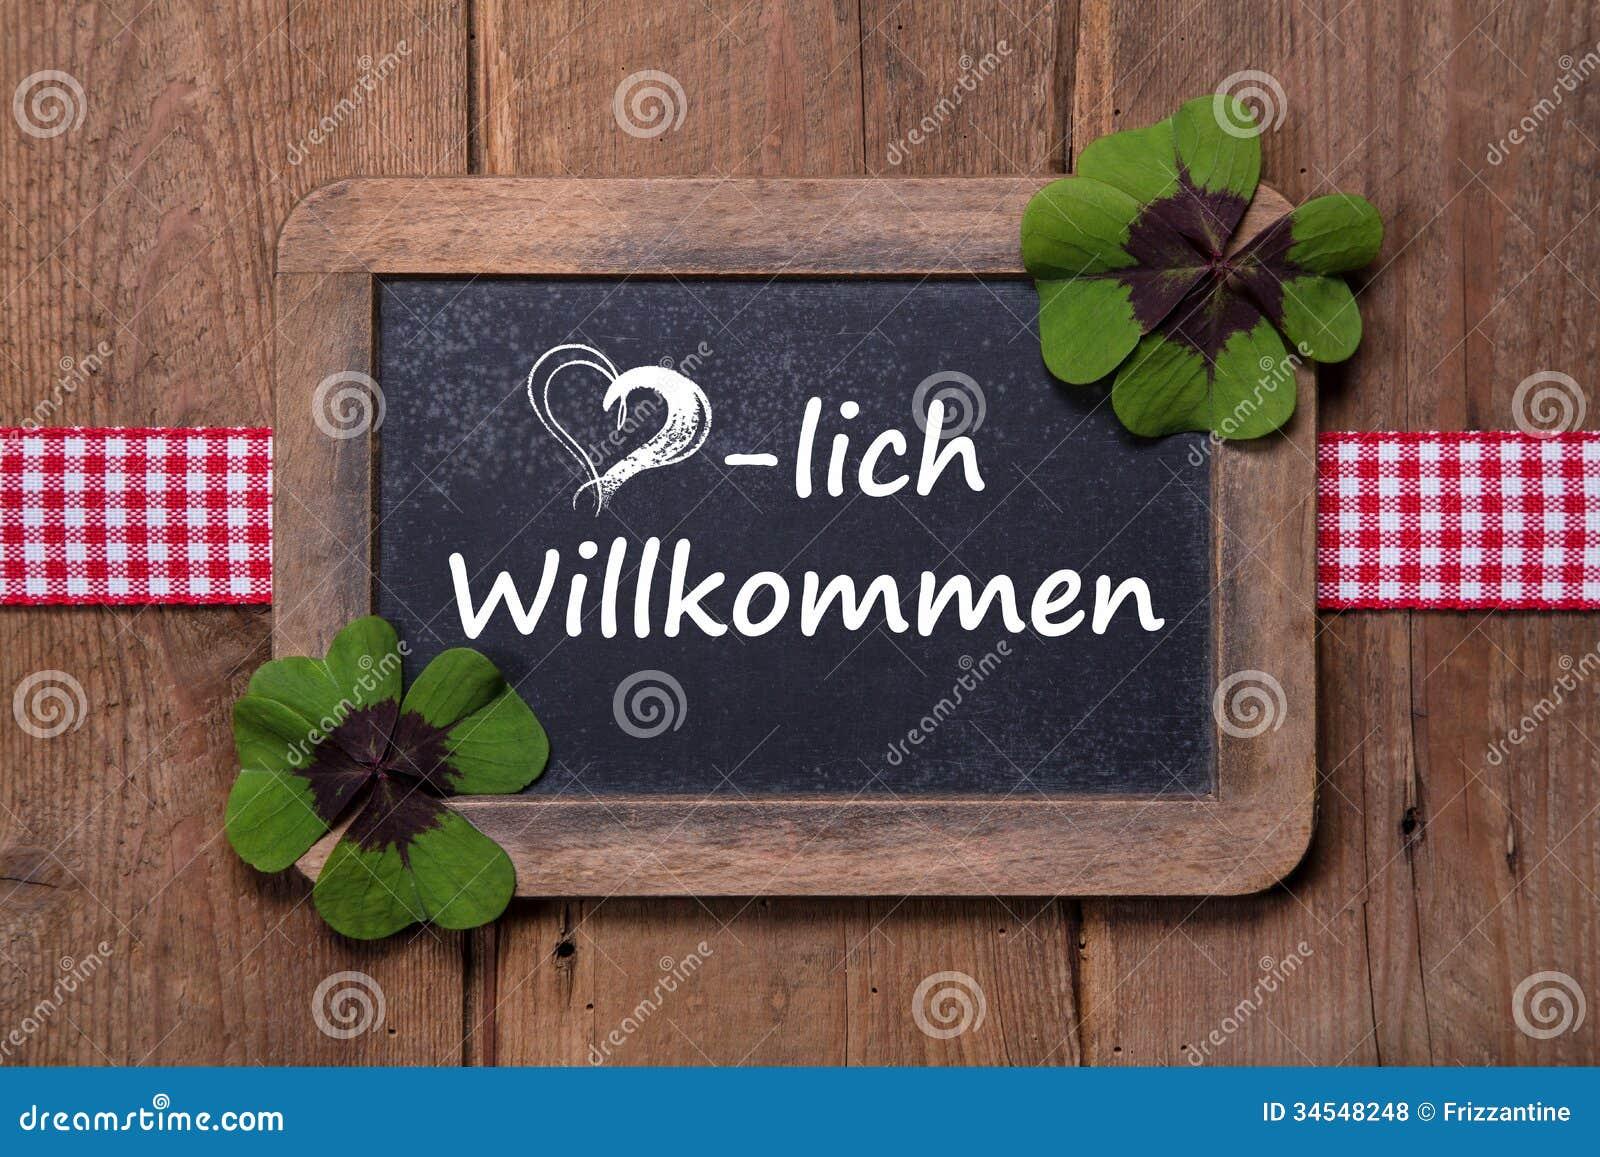 begrüßung auf deutsch